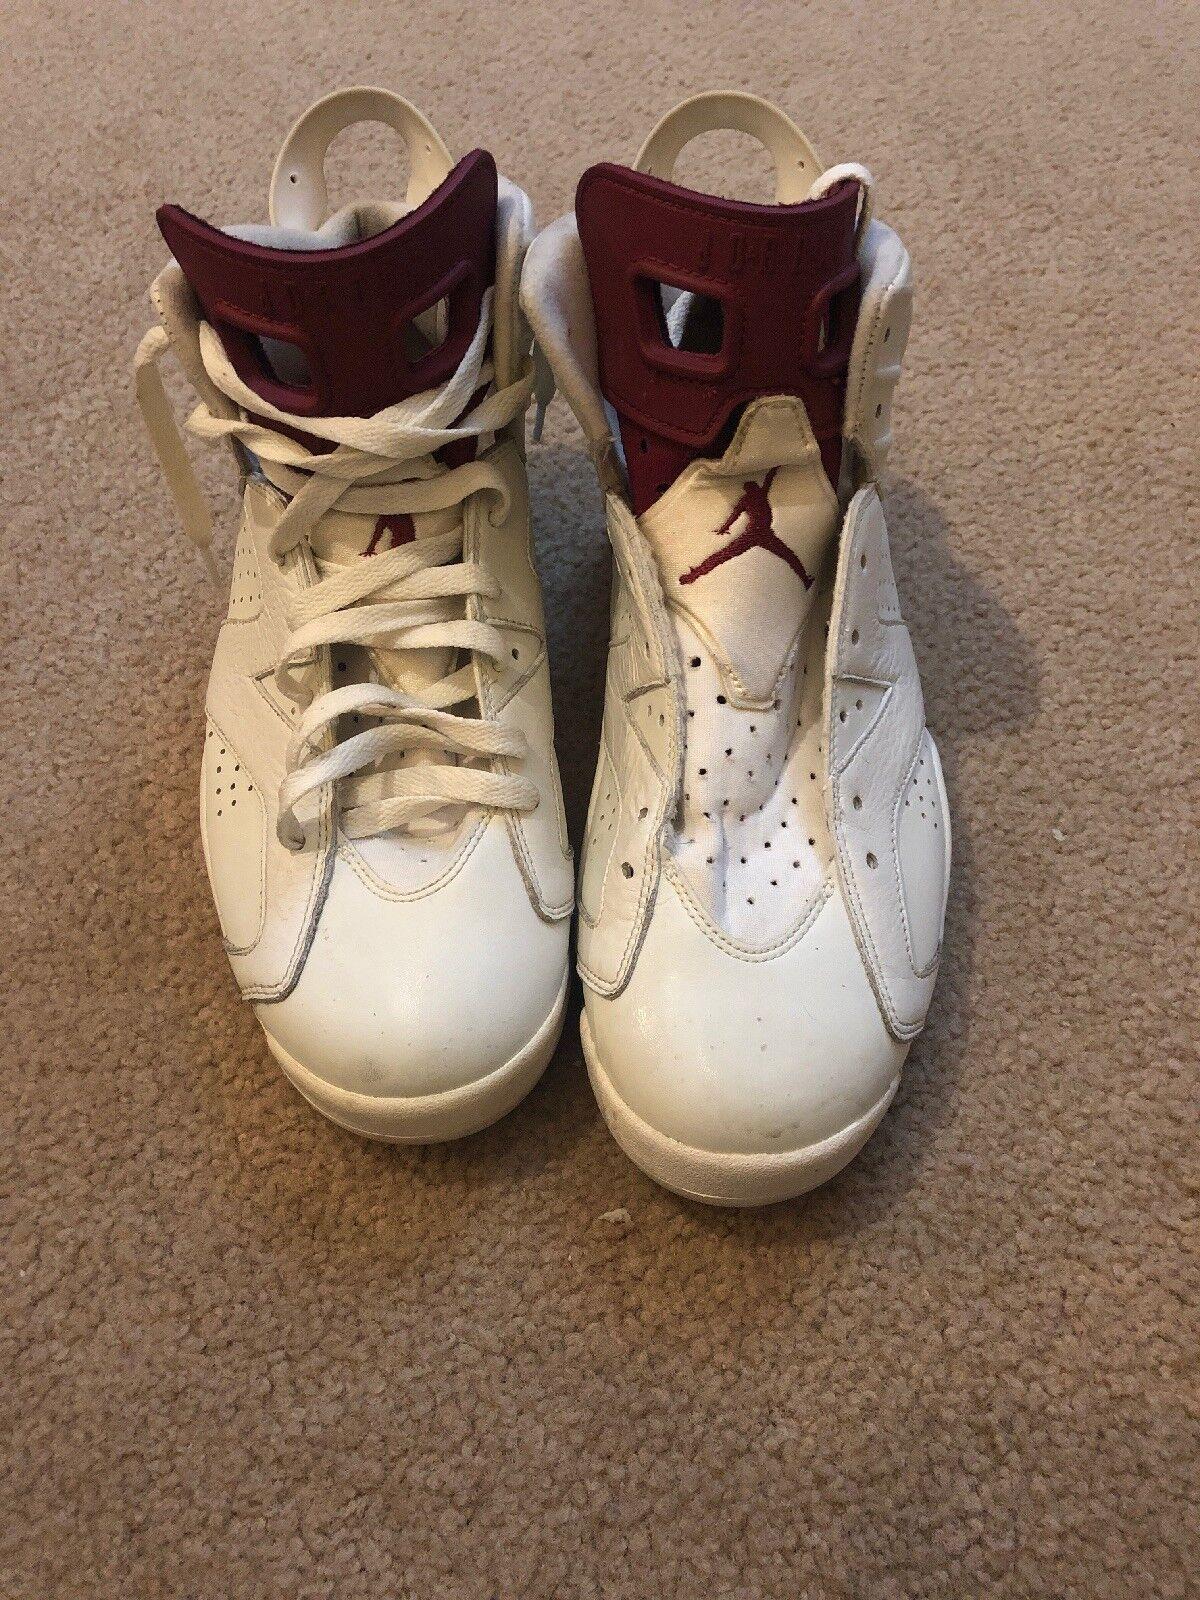 Nike Air Jordan 6 Retro VI shoes Maroon Off White 384664-116 Men Size 9.5